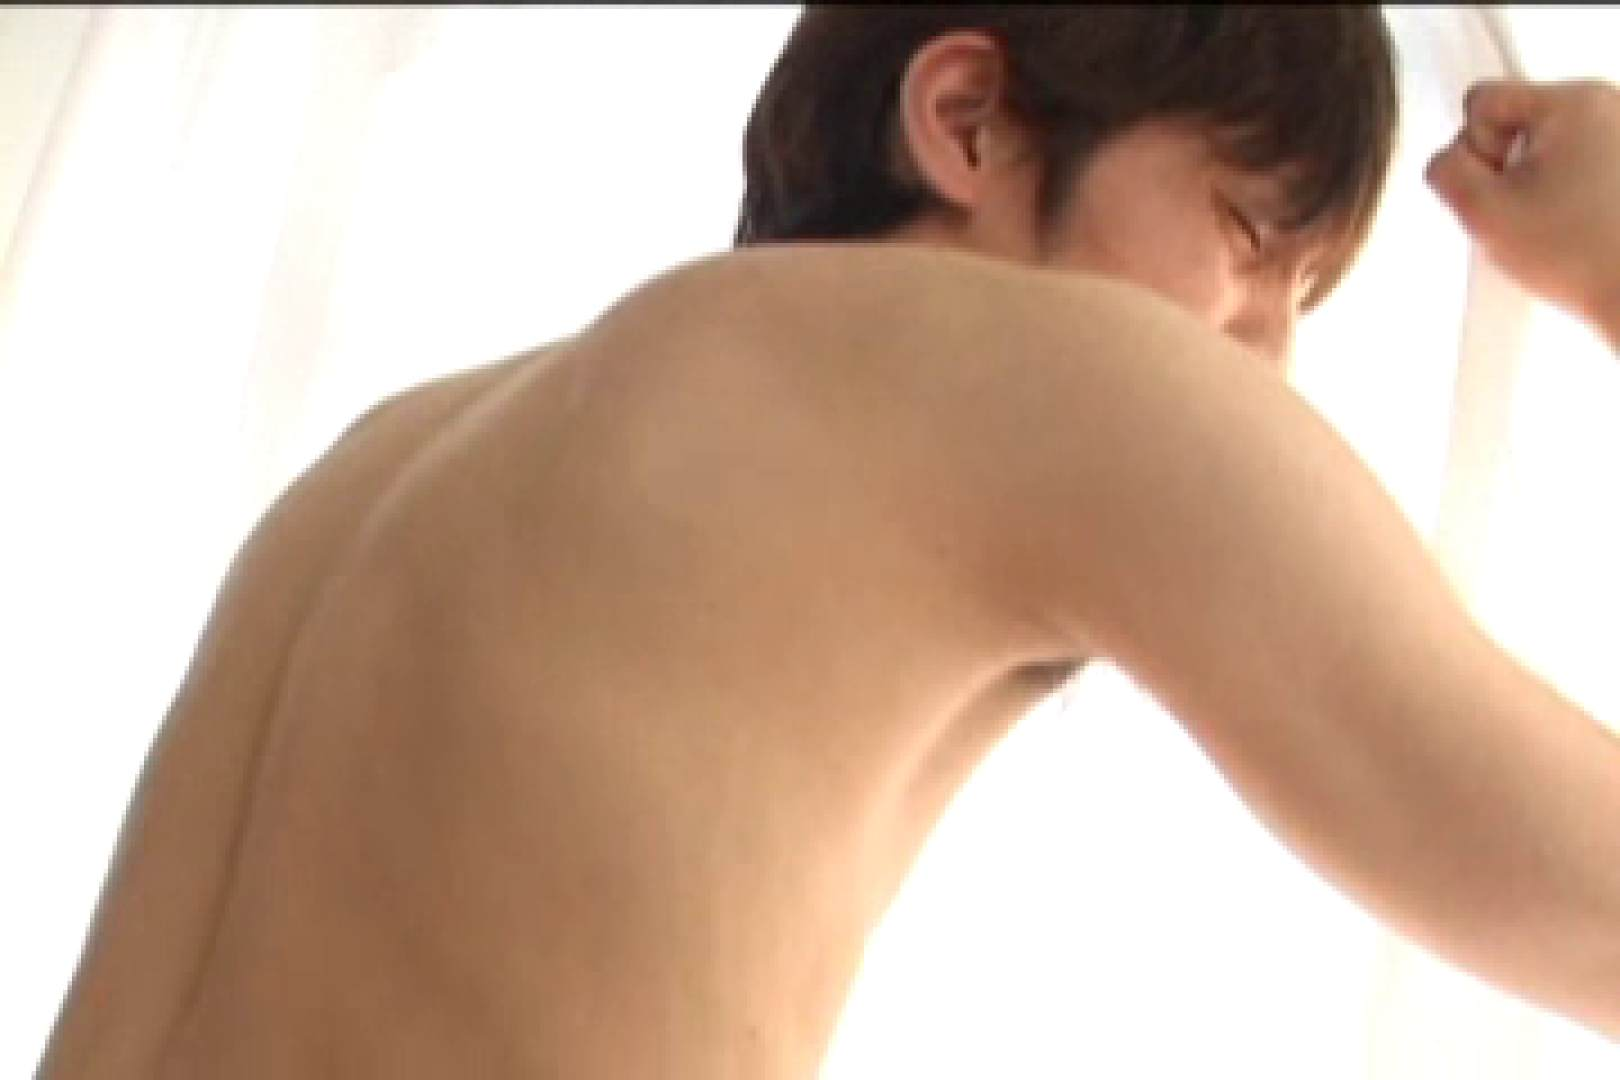 ゲイザーメン動画|Impulsive desire!!抑えきれない欲望vol.06|責め